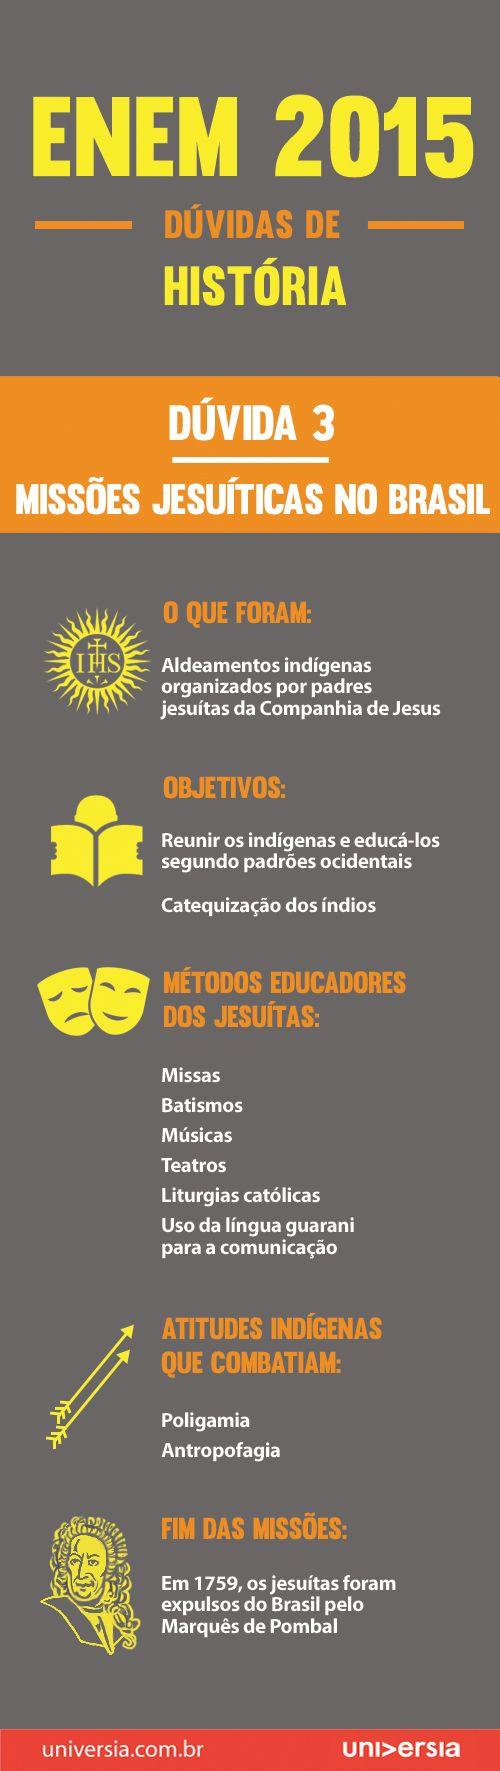 A terceira dúvida mais comum na prova de história do Enem refere-se às Missões Jesuíticas no Brasil. Entenda